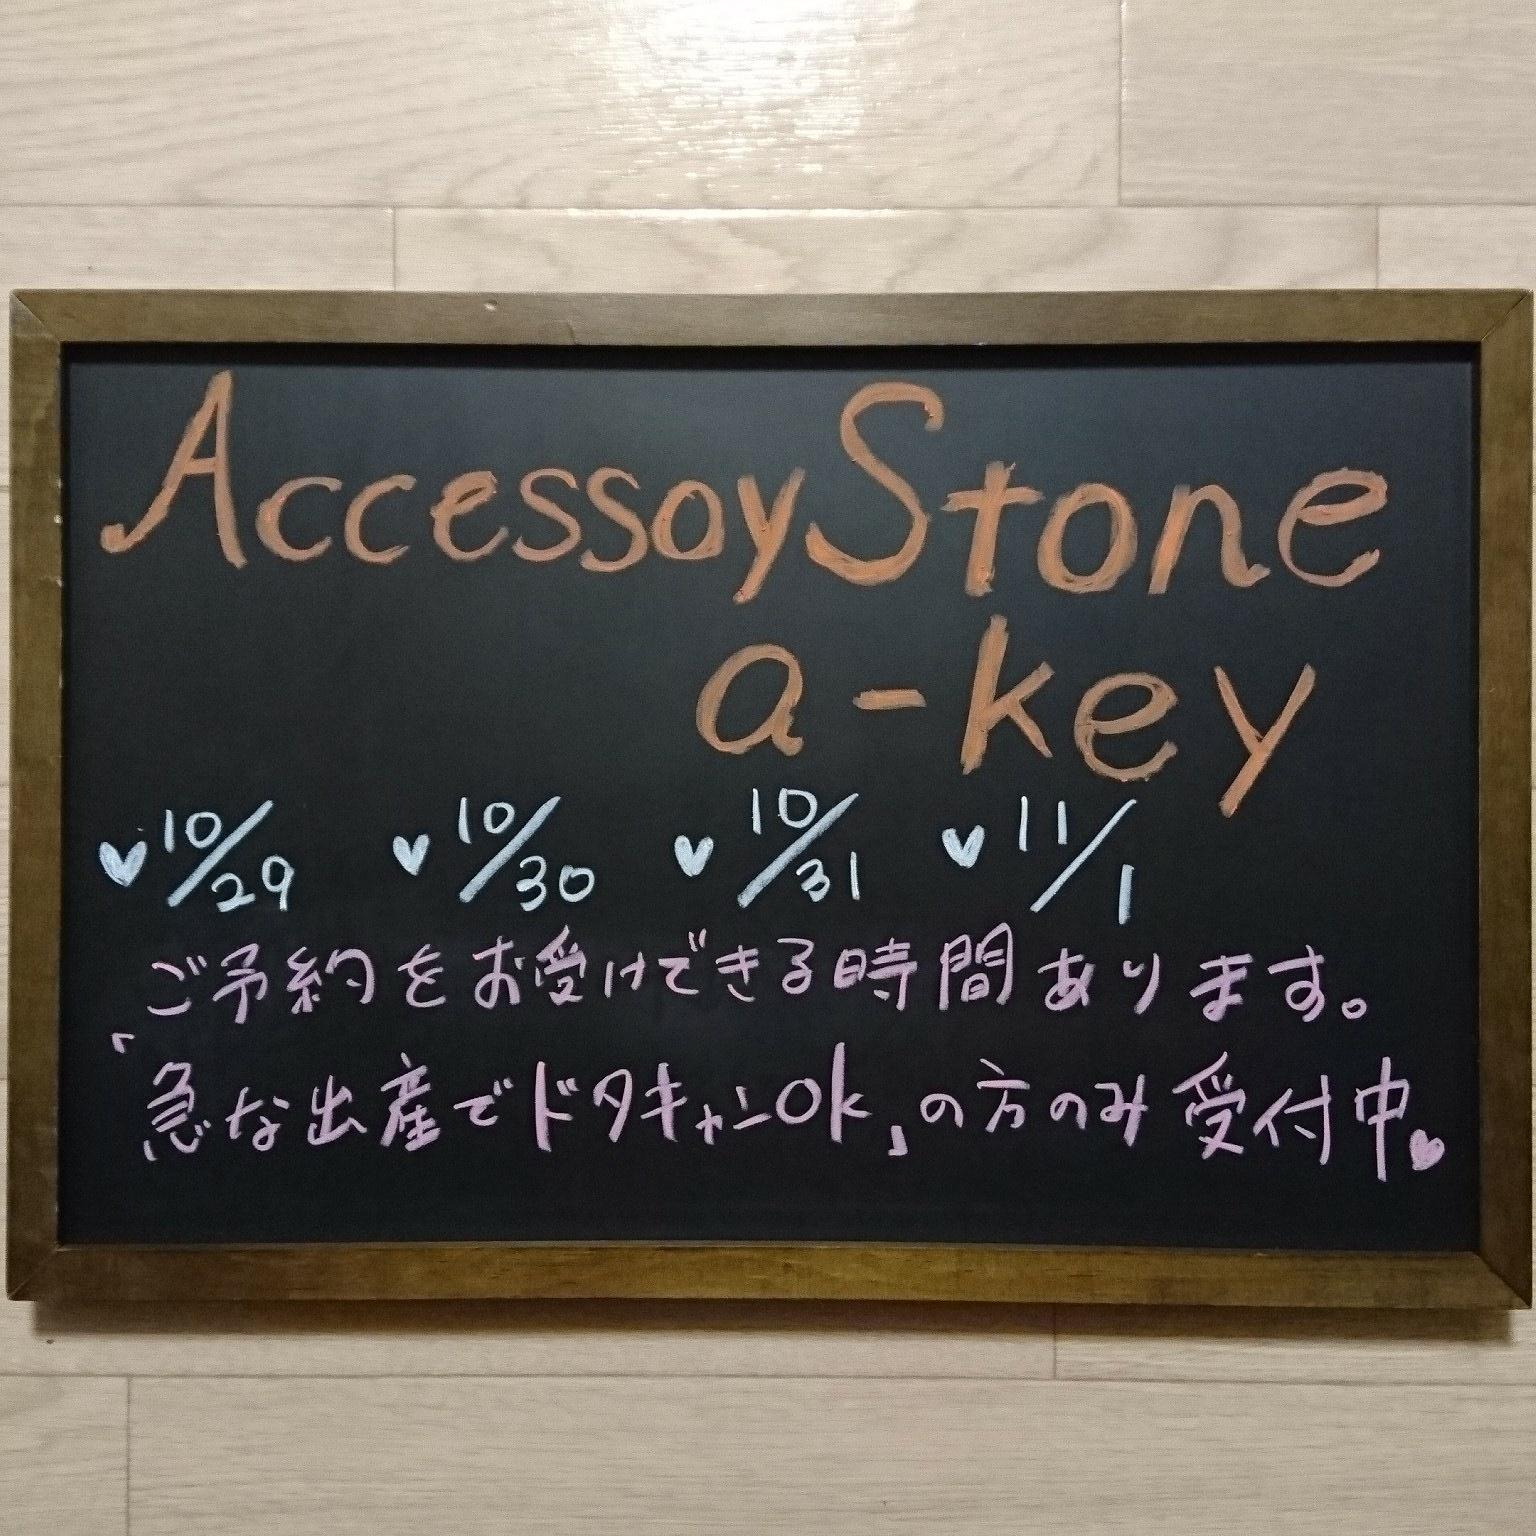 最新のa-keyサロン空き状況